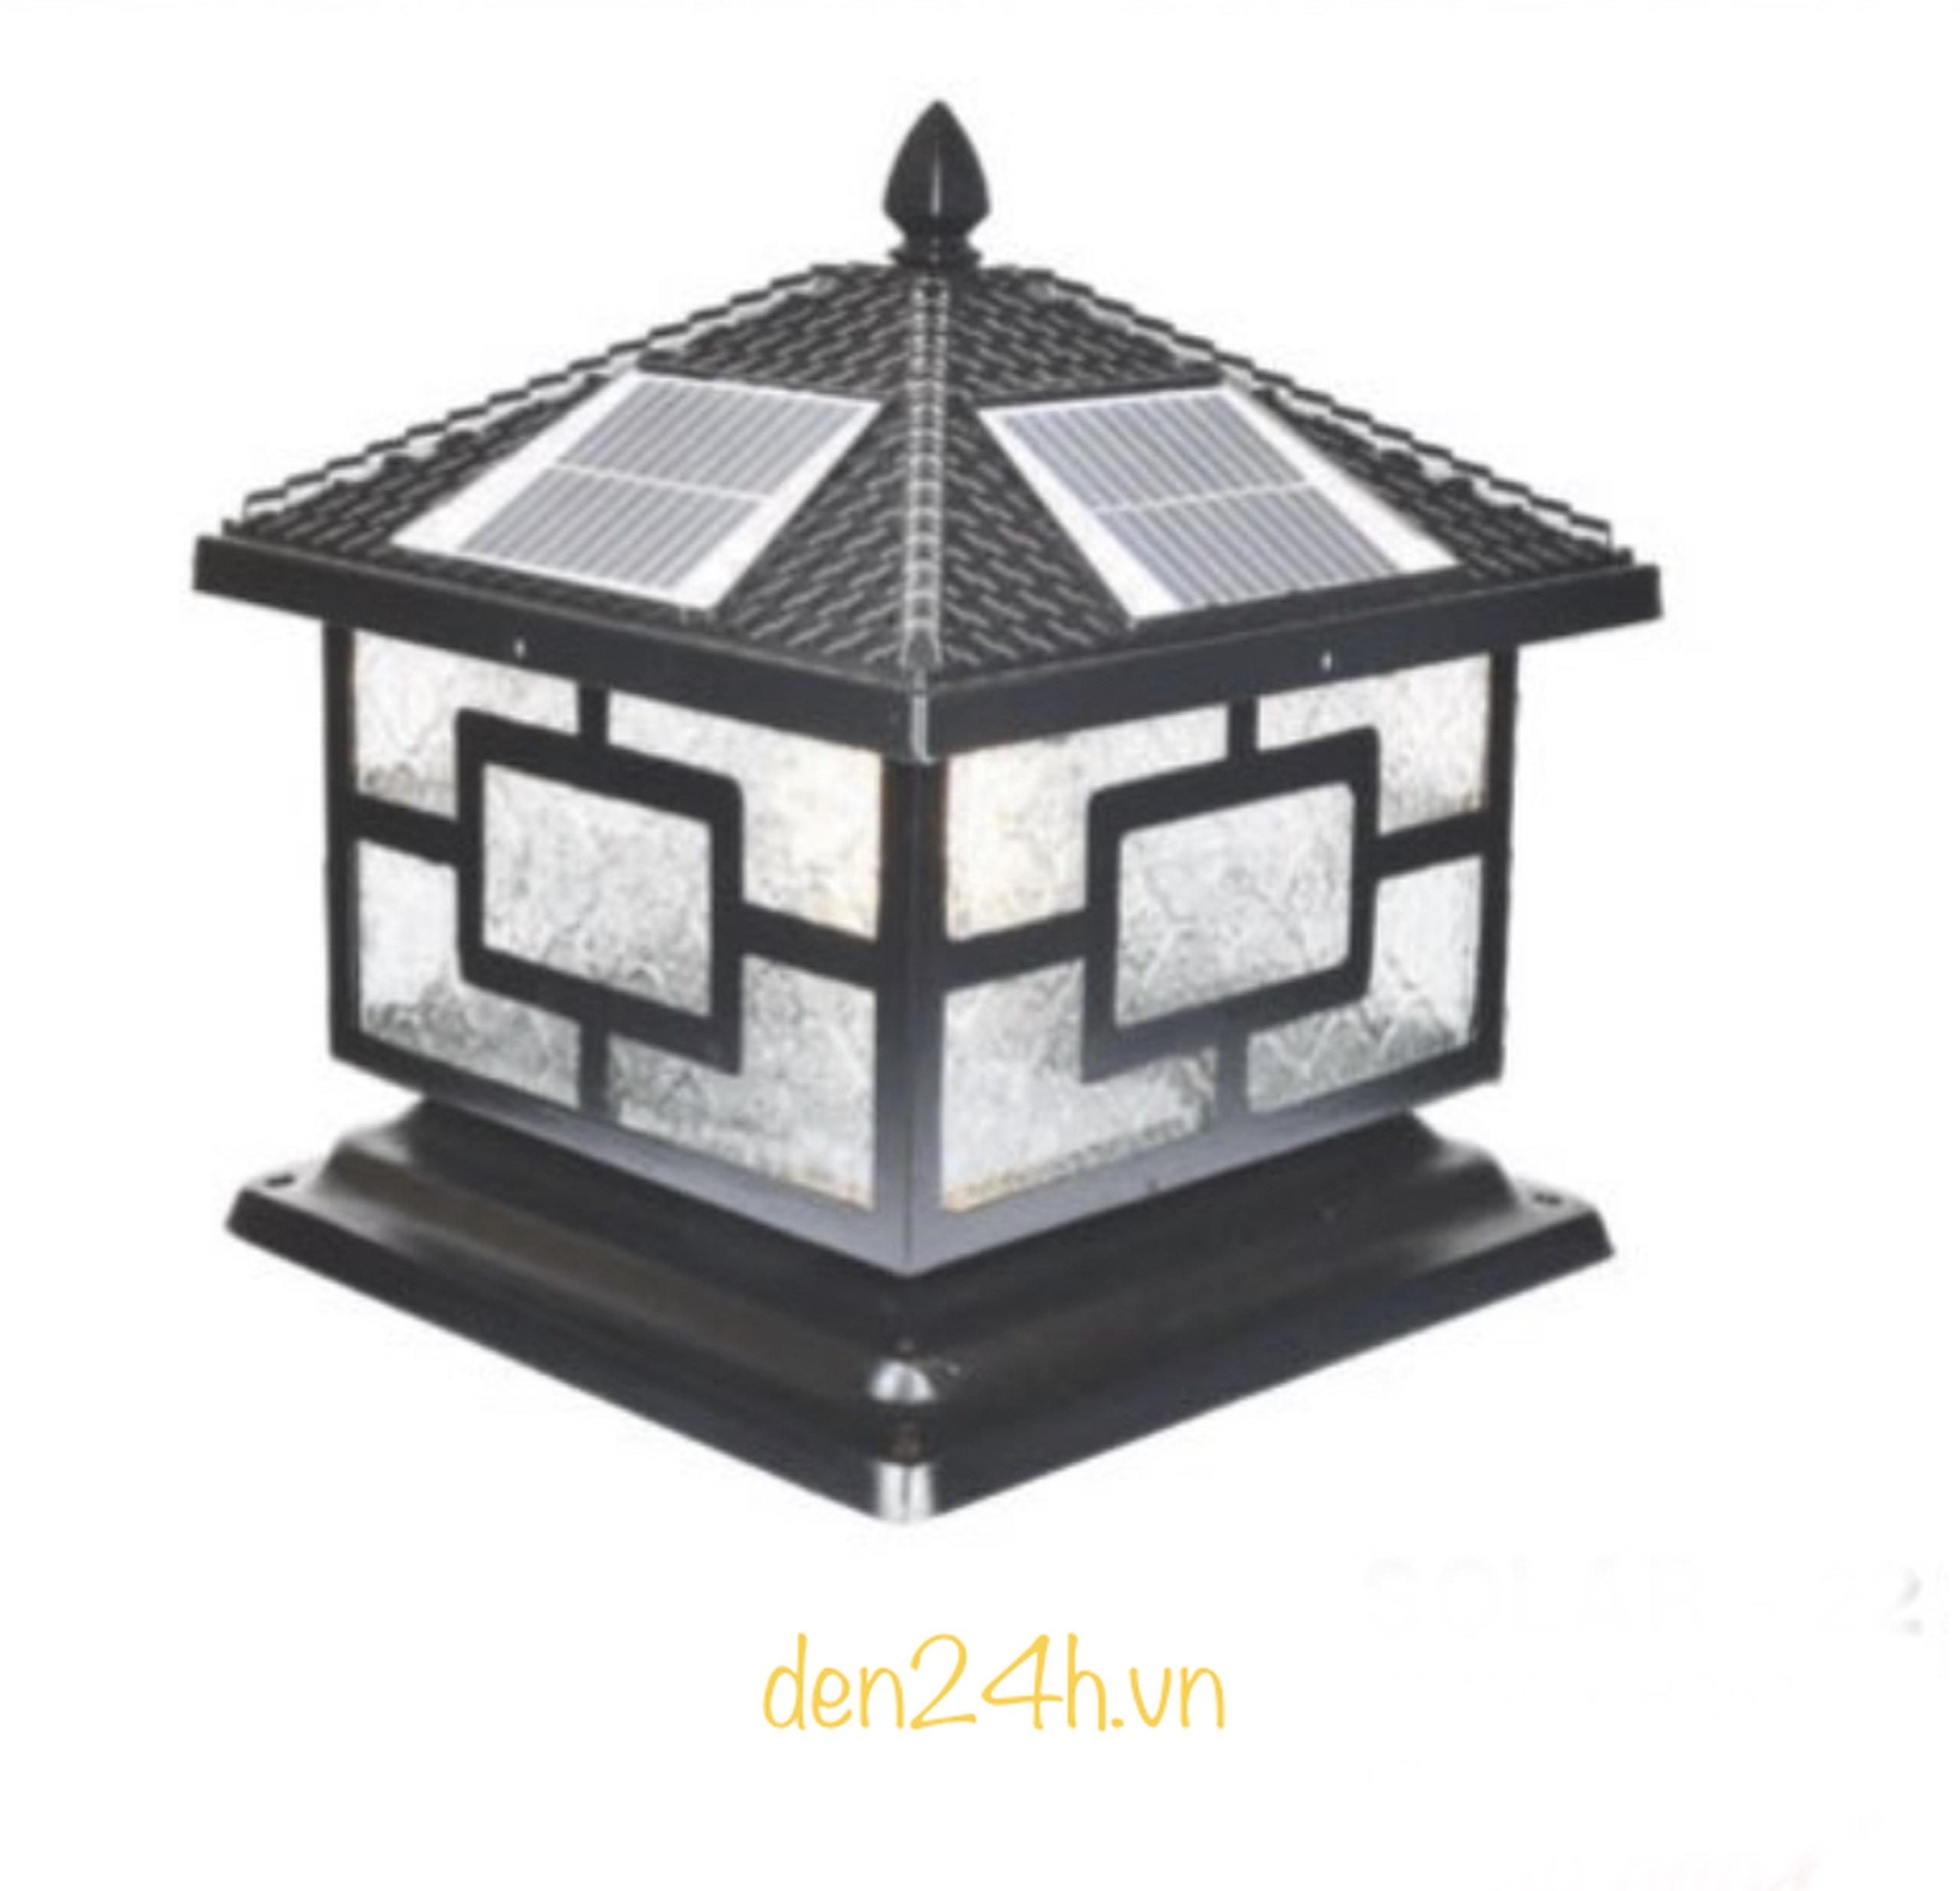 Đèn trụ cổng năng lượng mặt trời CT1 Solar-24  L400xH350